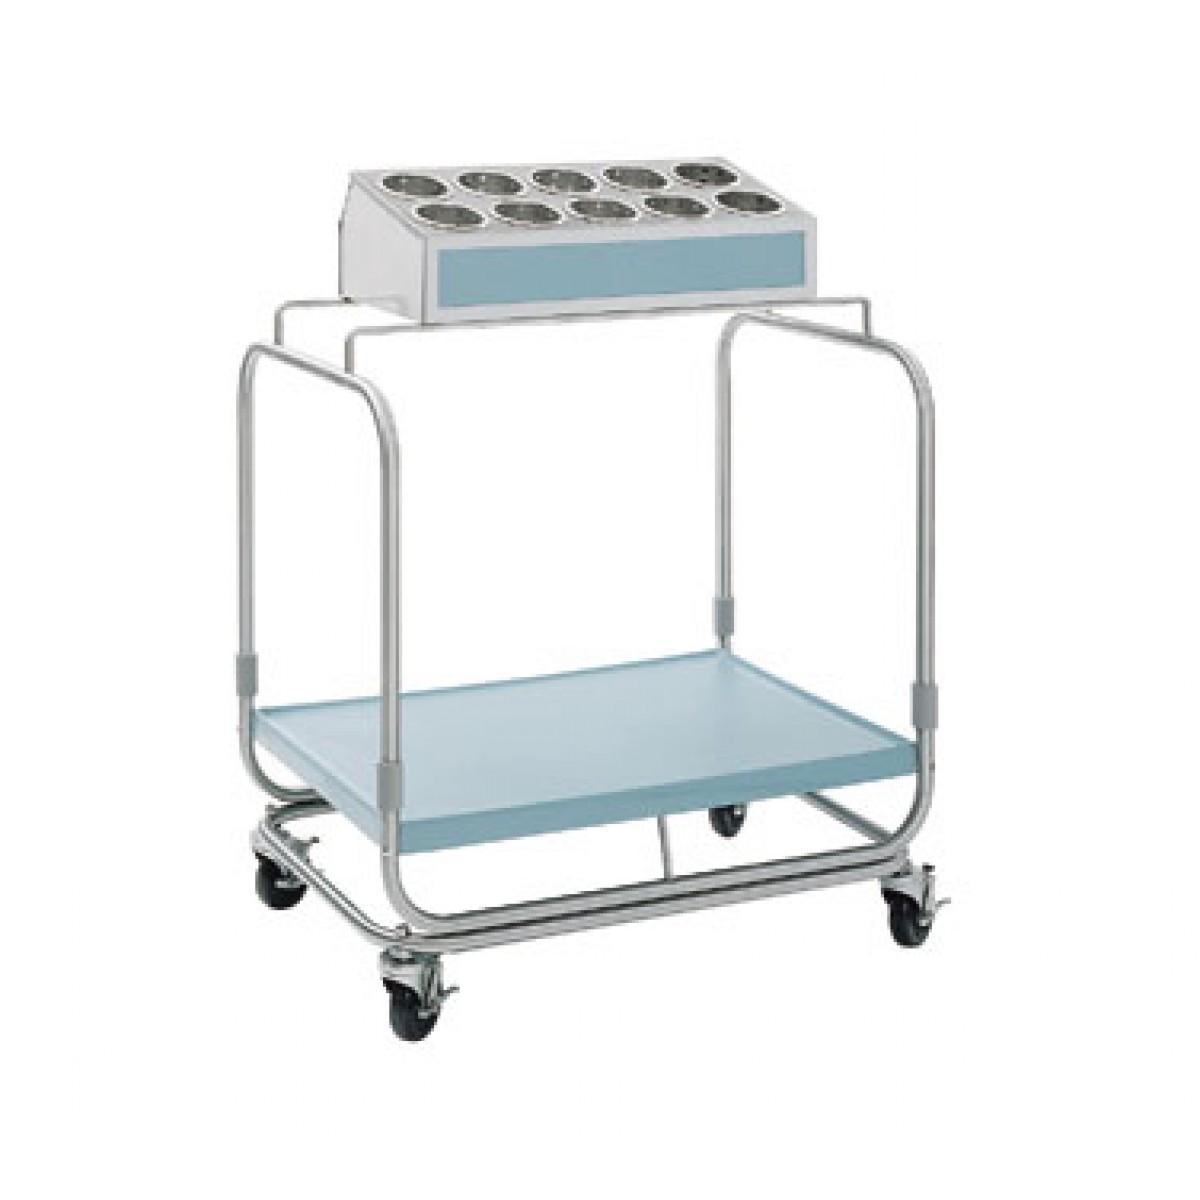 Tray Carts